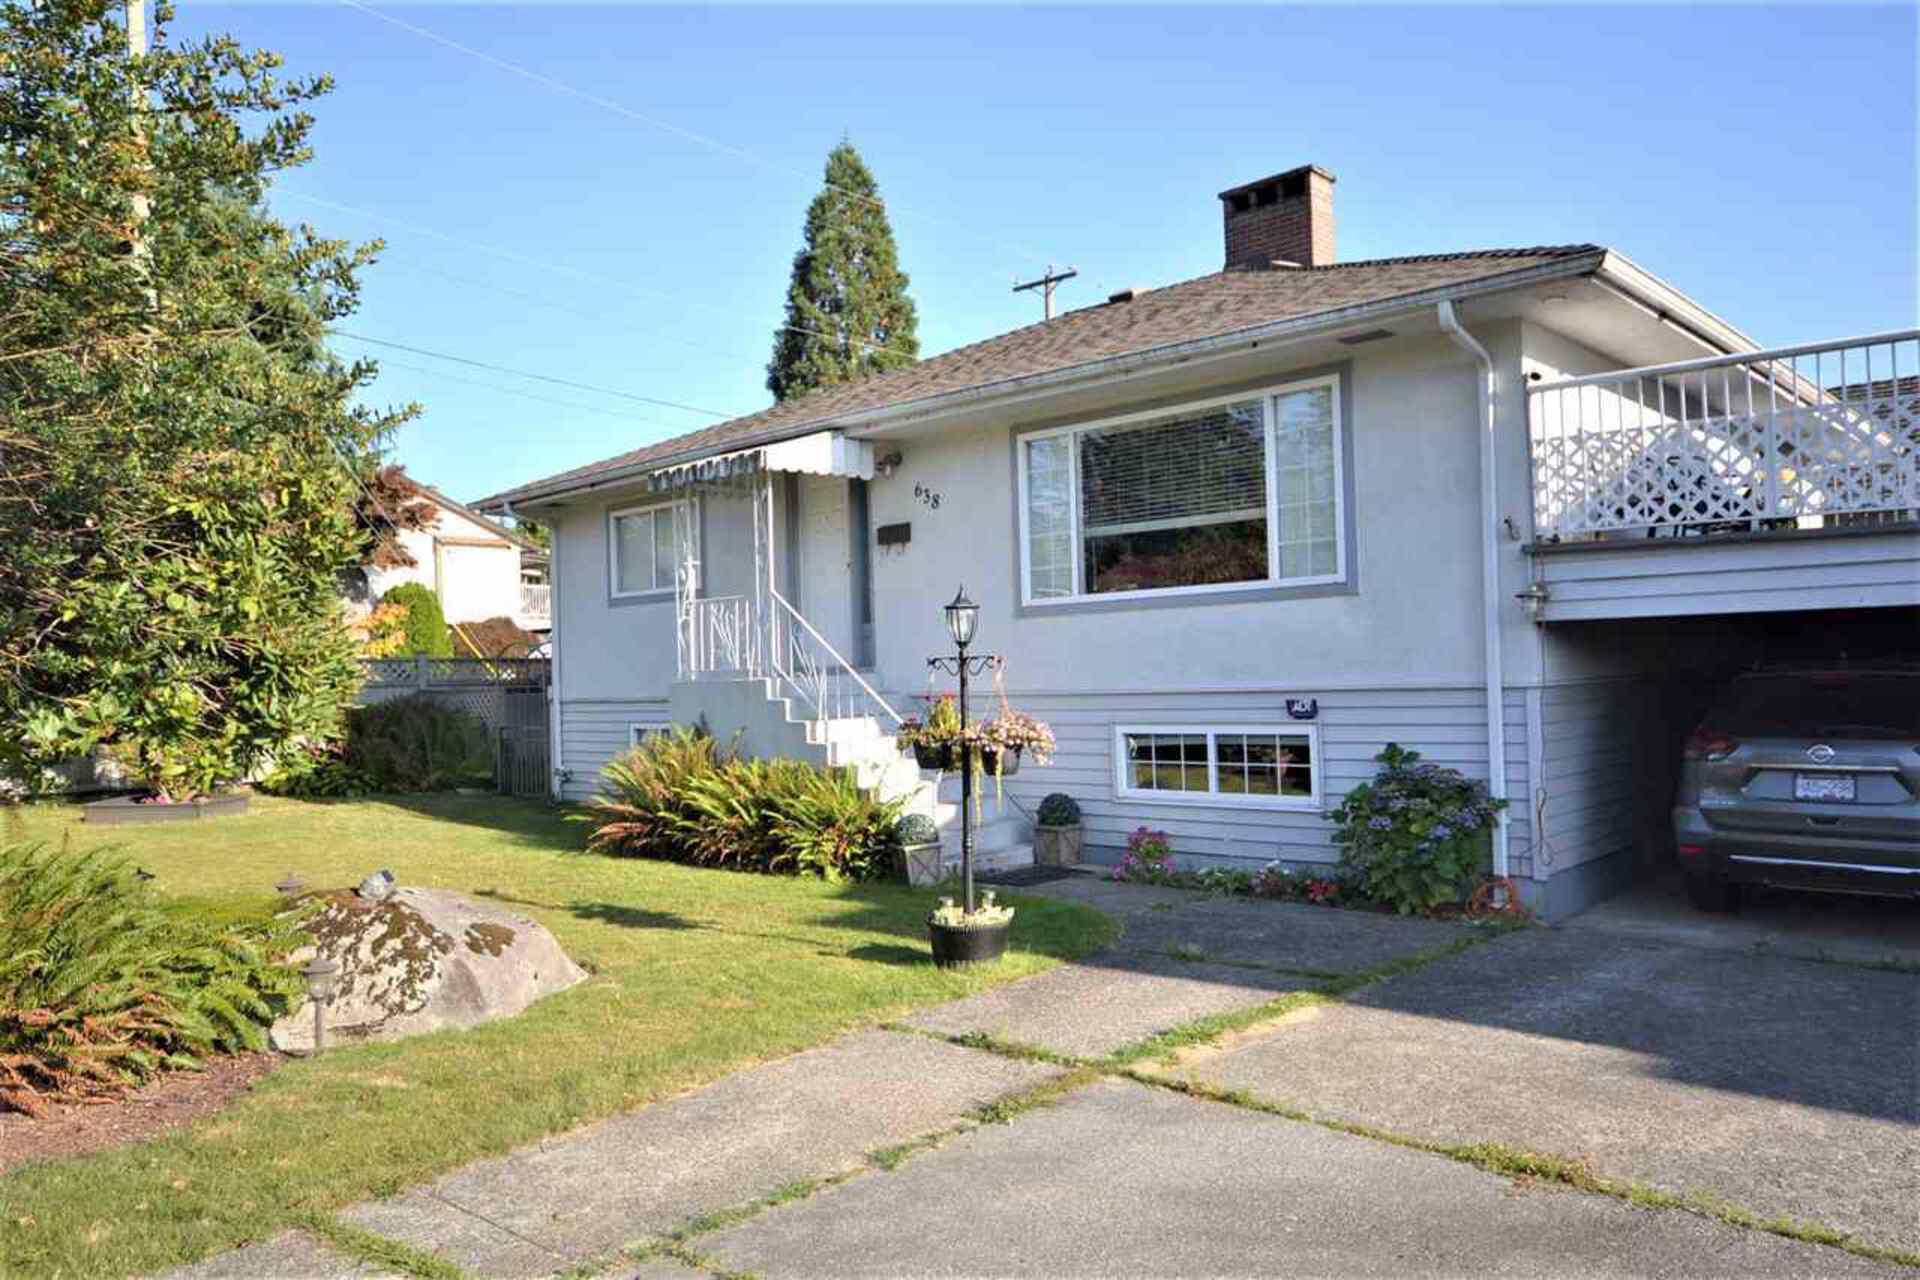 638-foster-avenue-coquitlam-west-coquitlam-02 of 638 Foster Avenue, Coquitlam West, Coquitlam